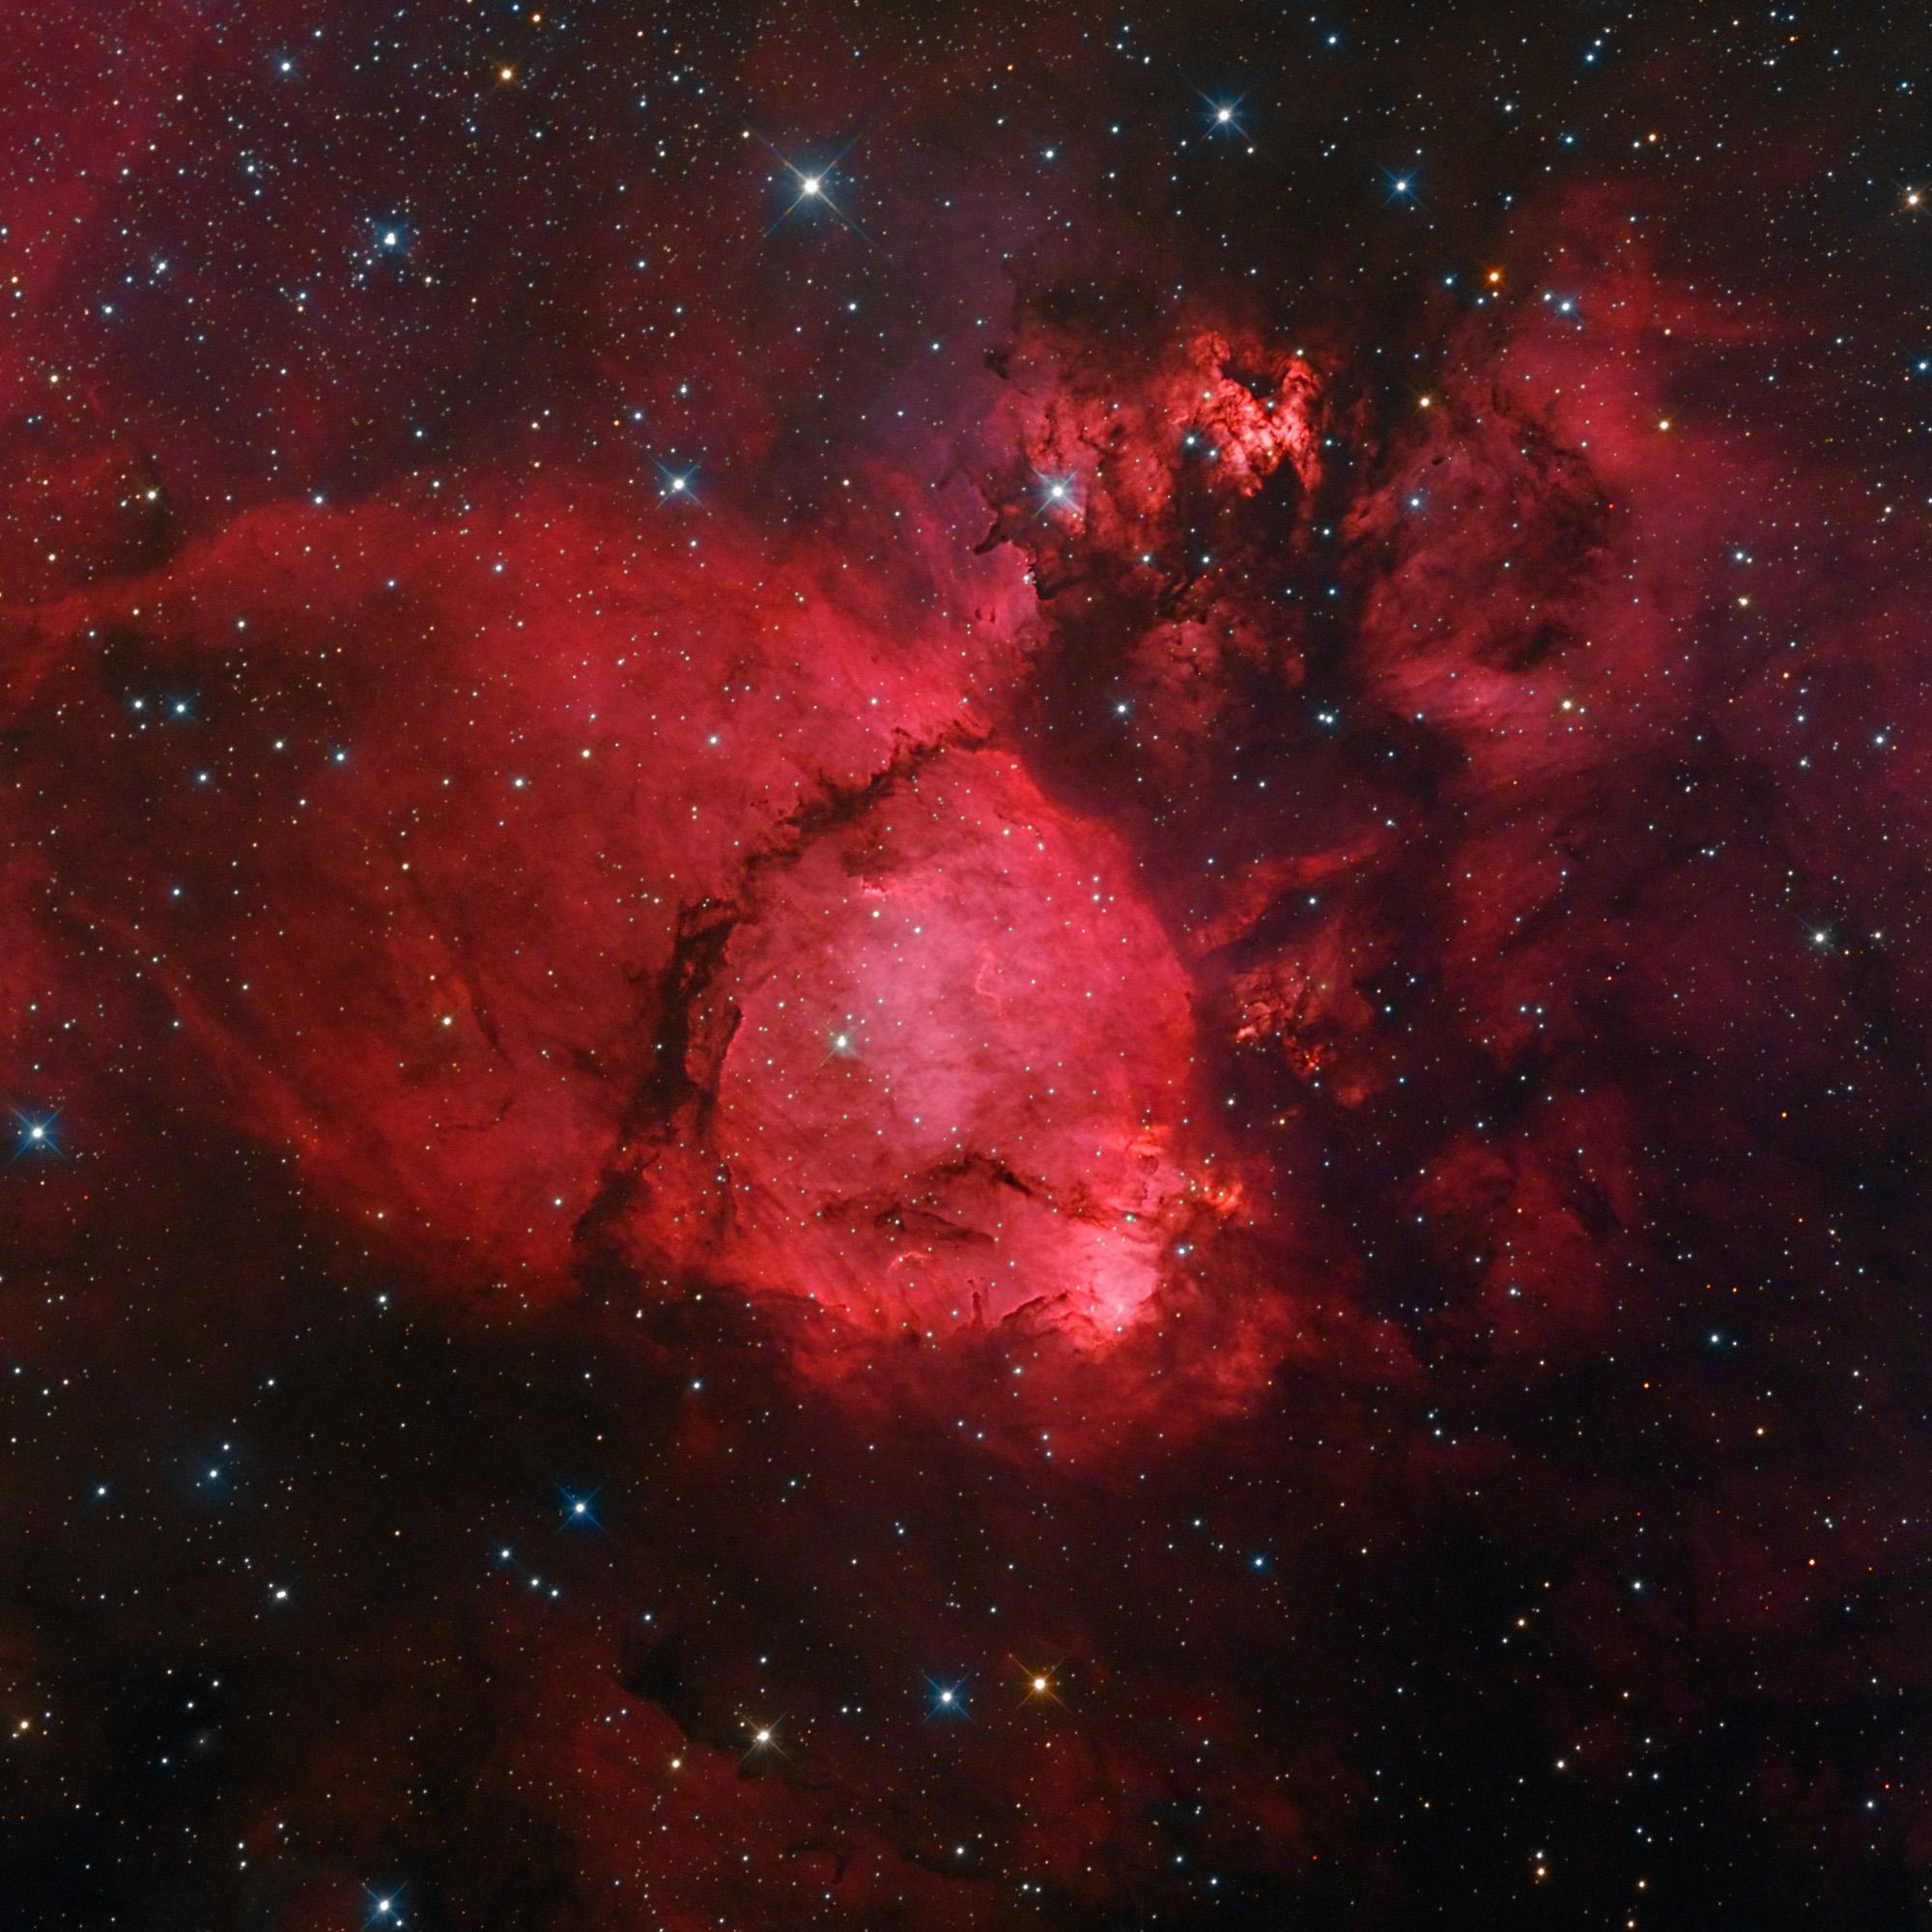 NGC 896 IC 1795